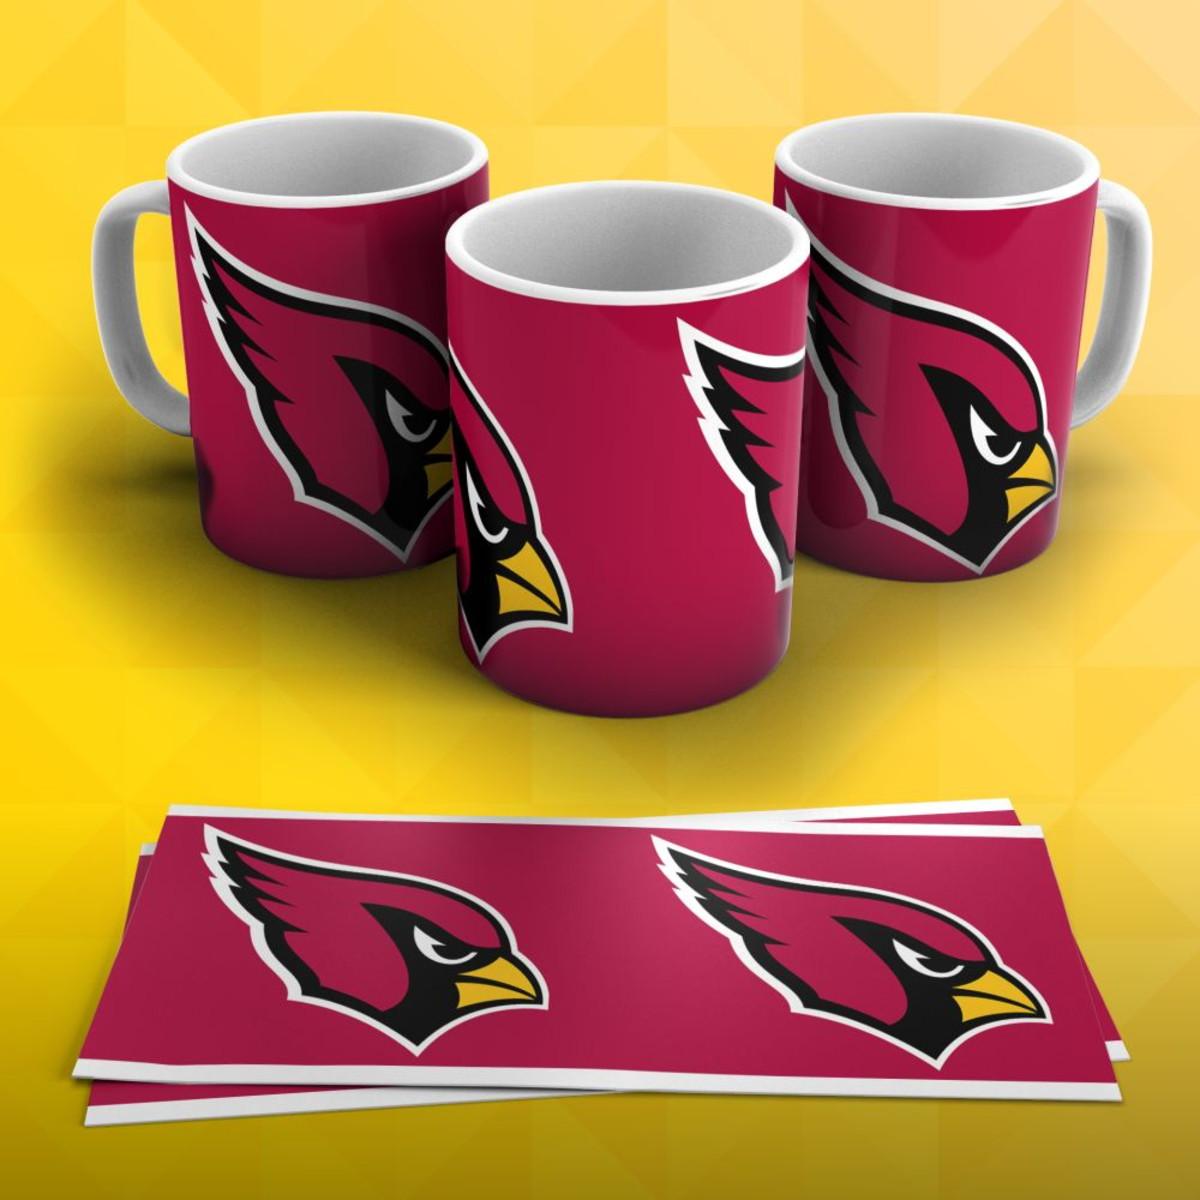 967fdef3cd Caneca Futebol Americano NFL Arizona Cardinals no Elo7